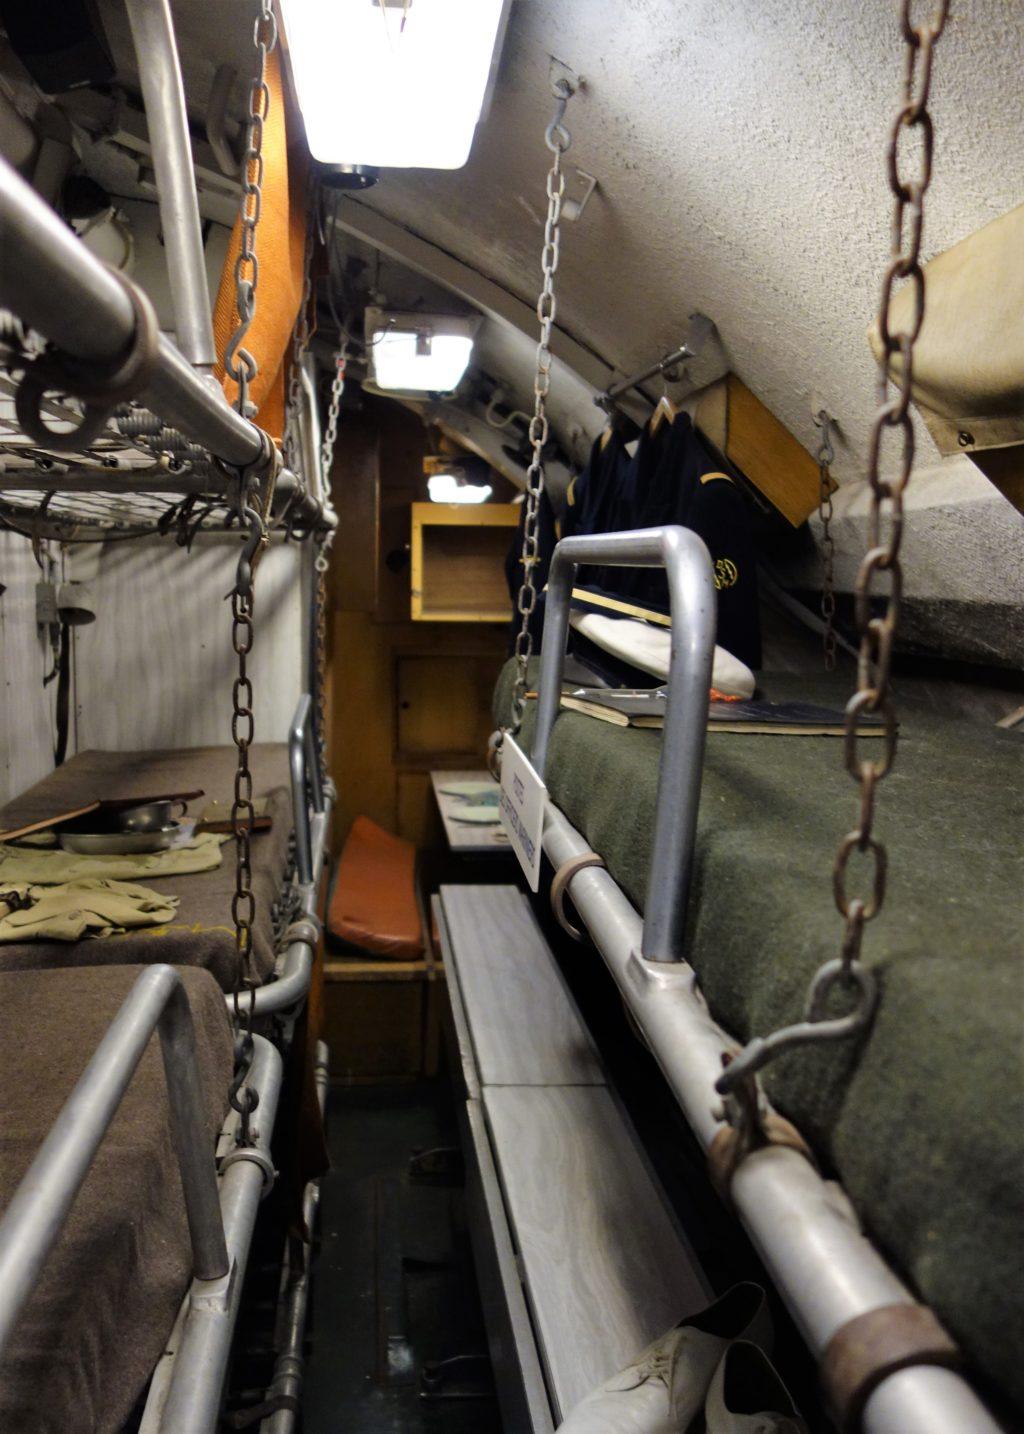 Photographie couleur prise à l'intérieur du sous-marin Espadon et montrant des bannettes où dormait l'équipage.